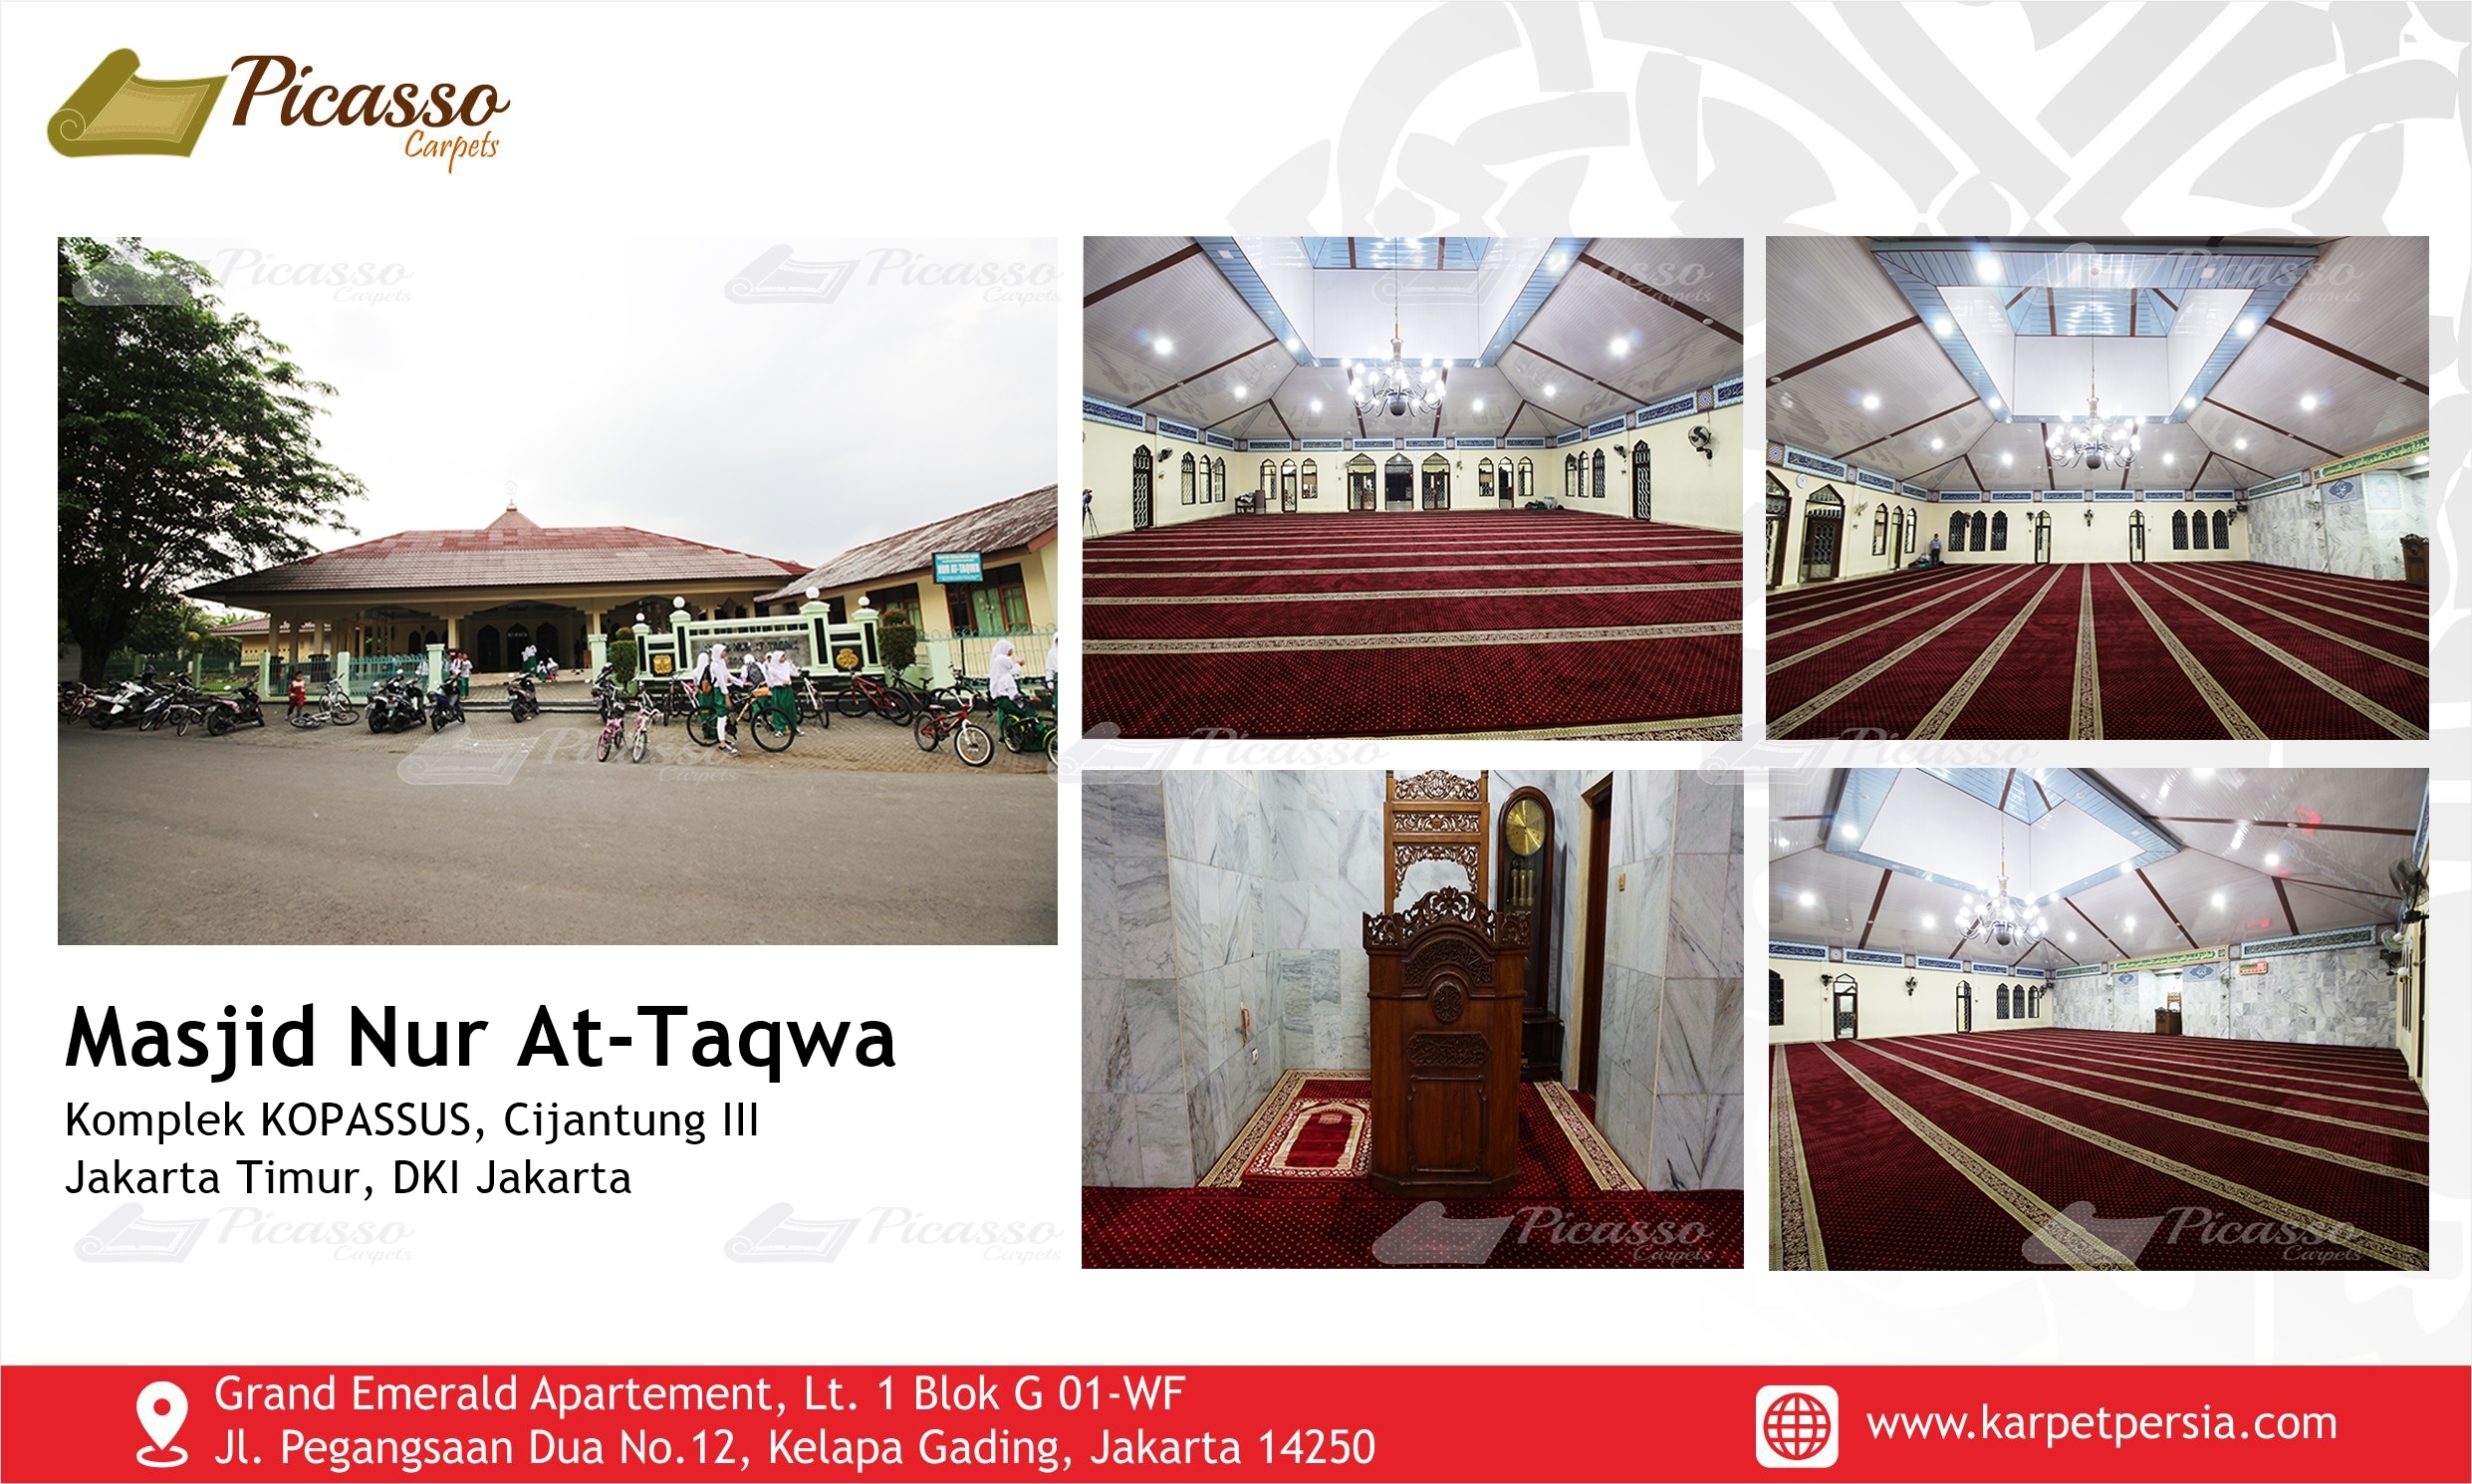 Masjid Nur AT-Taqwa, Cijantung III, Jakarta Timur